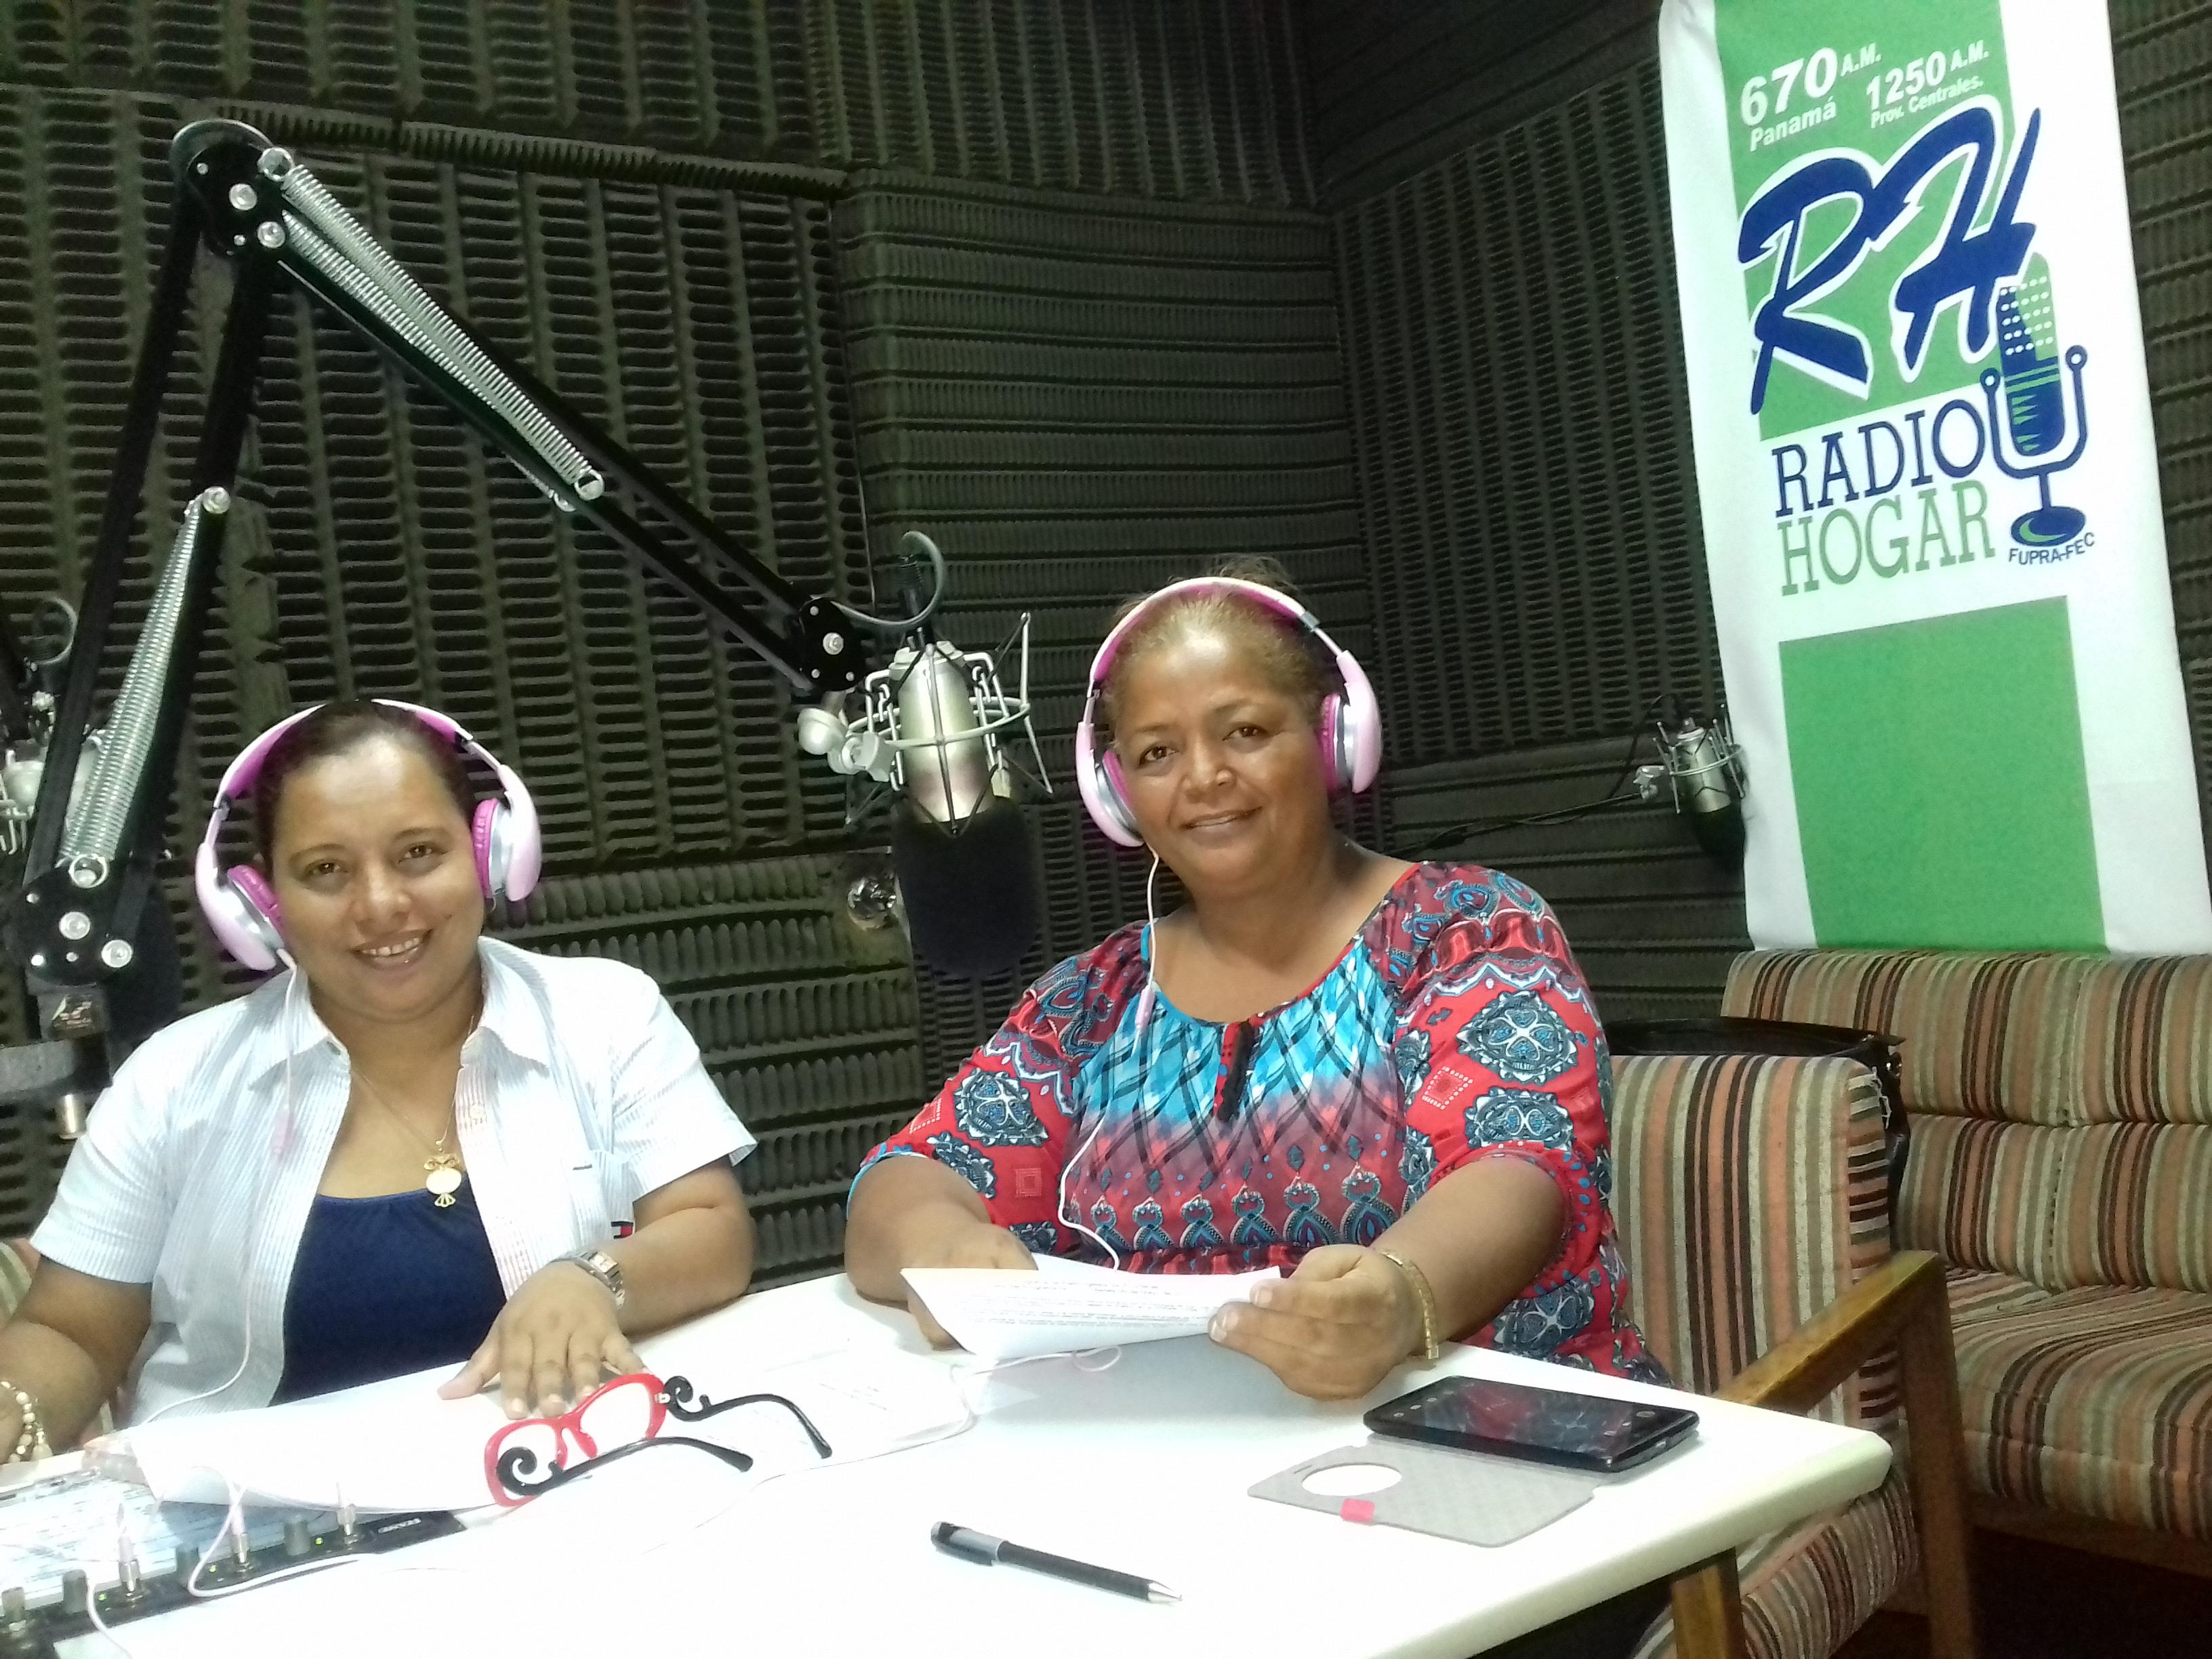 Sensibilización por Radio